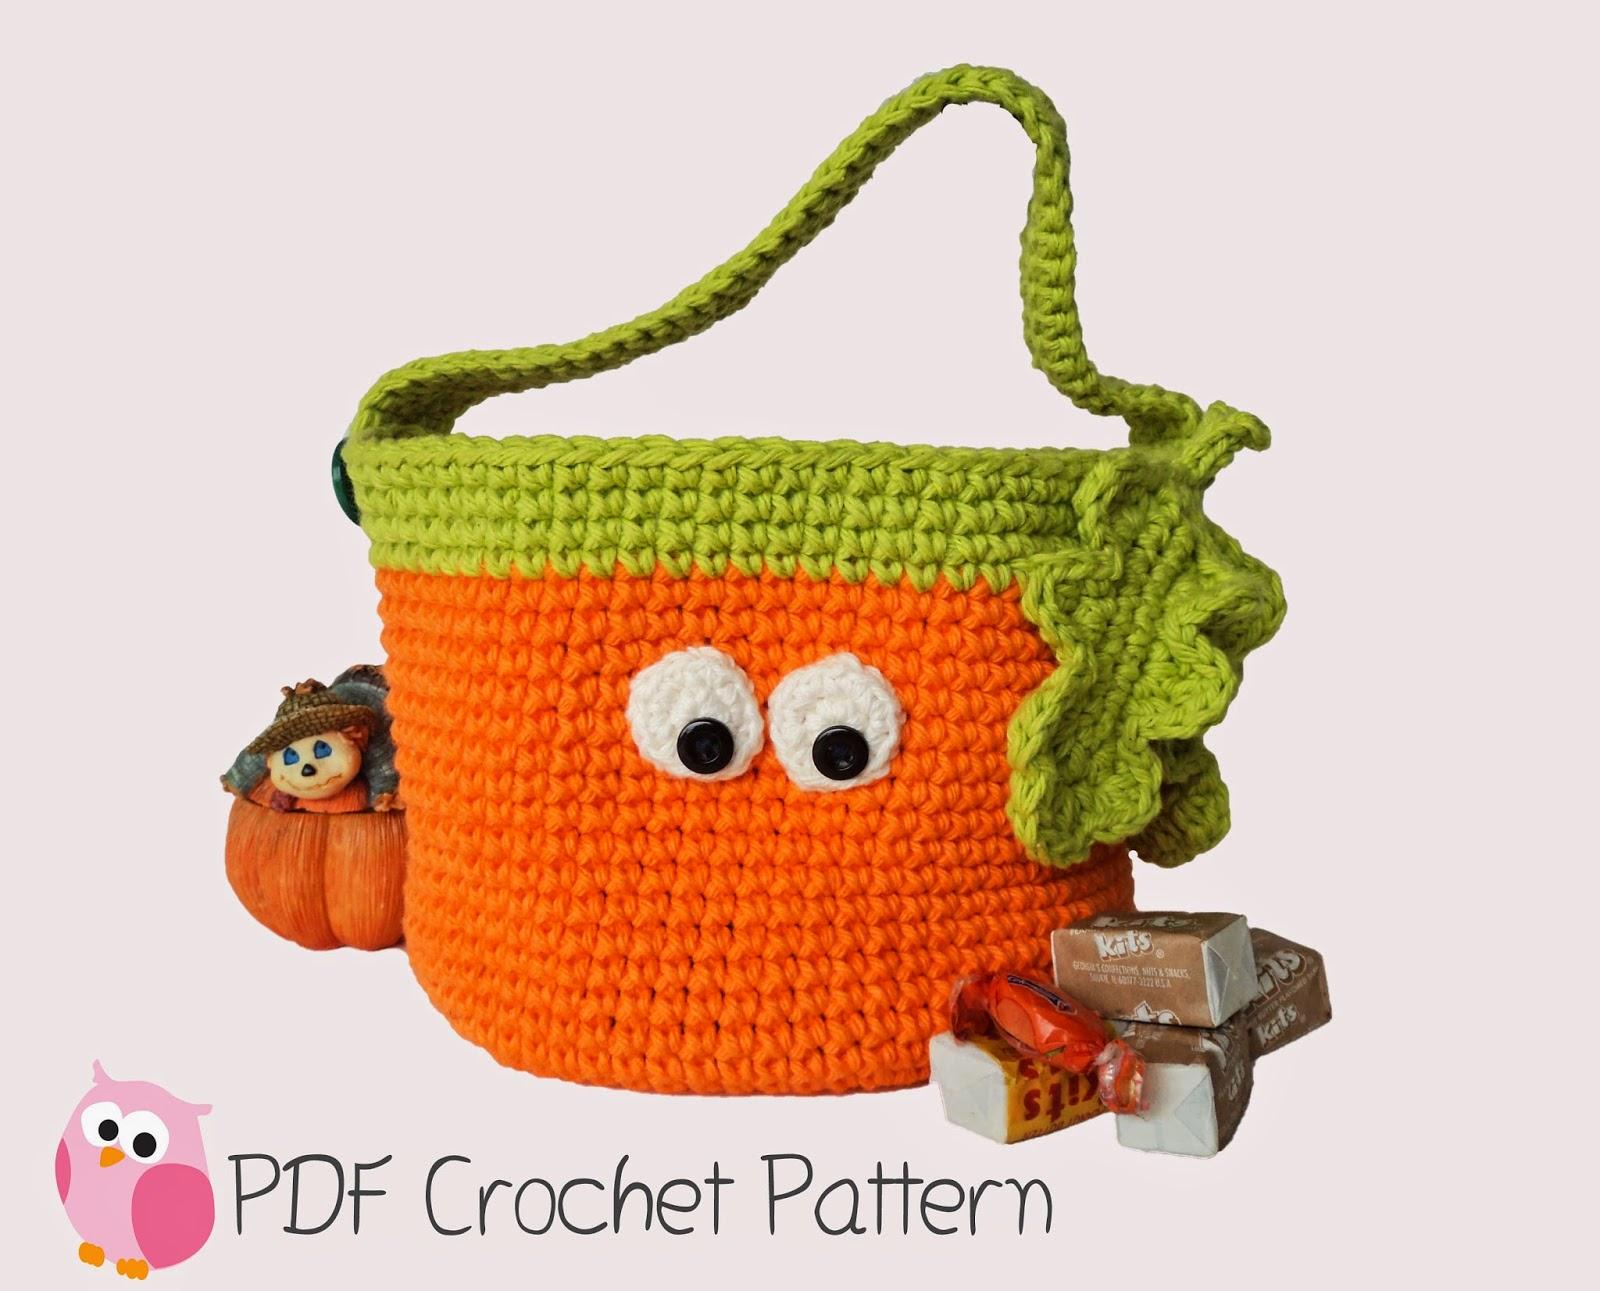 Cute Little Crafts: Crochet Pattern: Halloween Pumpkin Basket